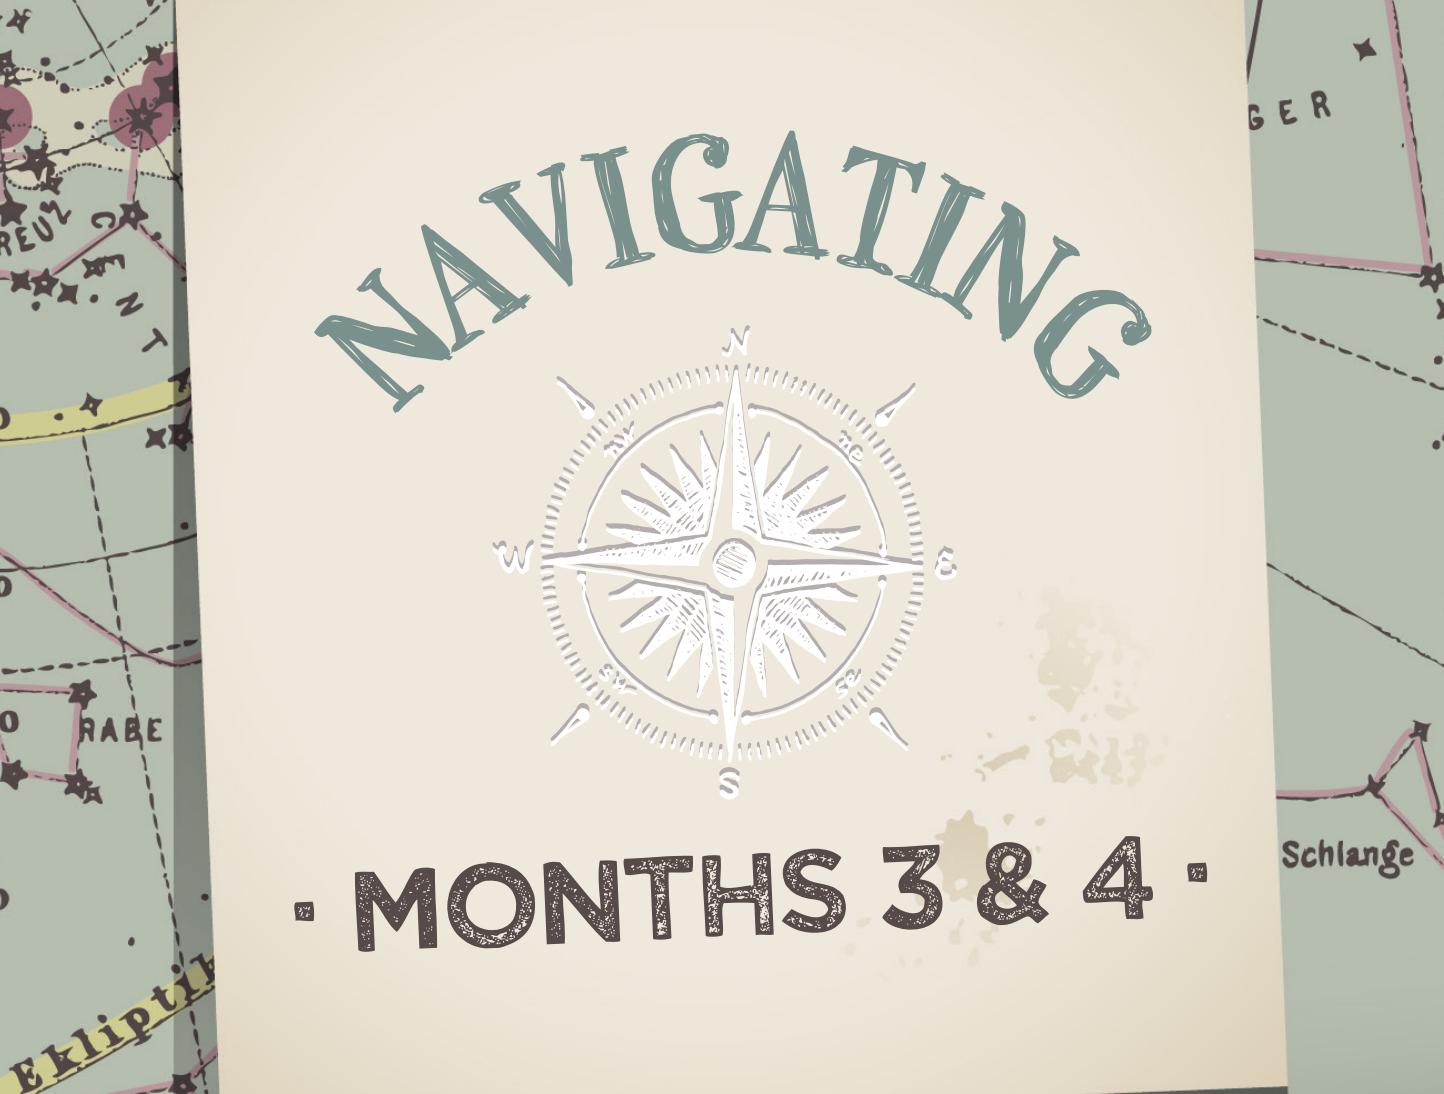 Taking Cara Babies Navigating Months 3 & 4